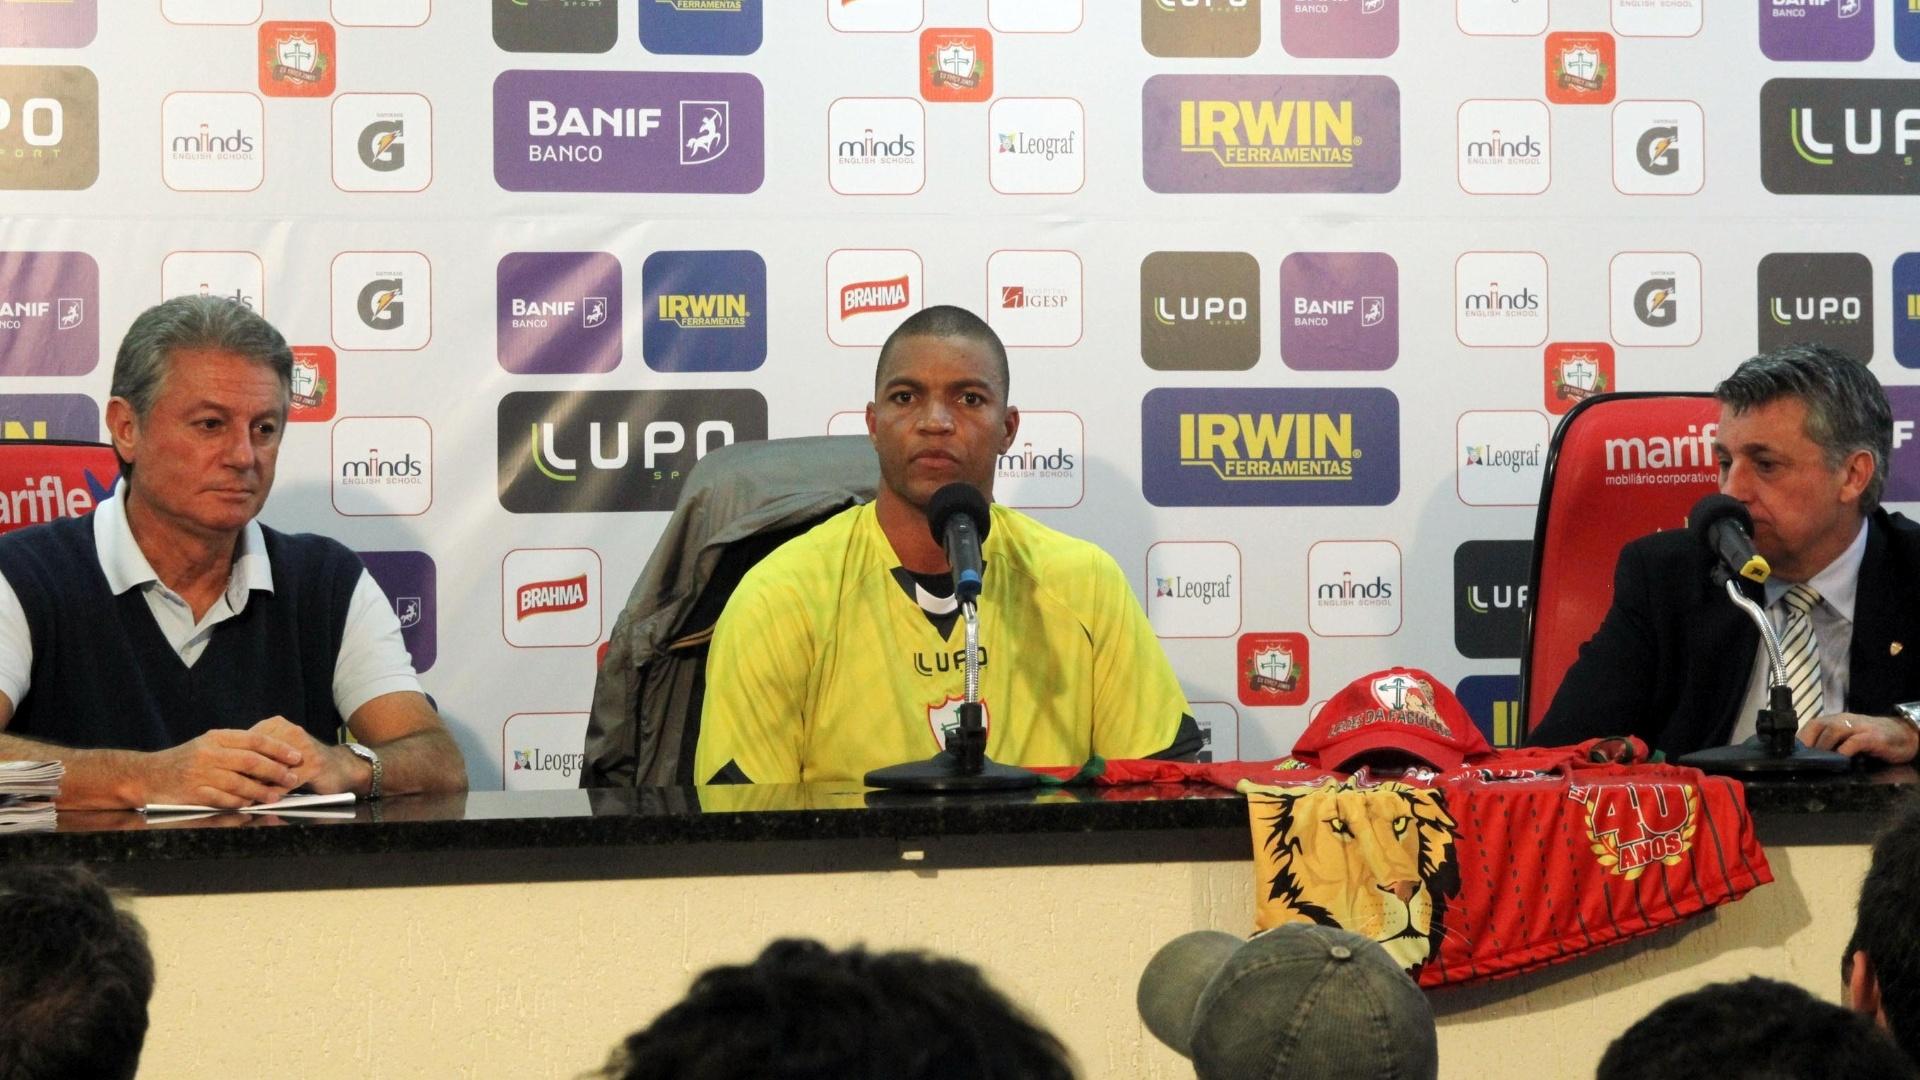 Contratado pela Portuguesa, o goleiro Dida durante apresentação para imprensa nesta sexta-feira